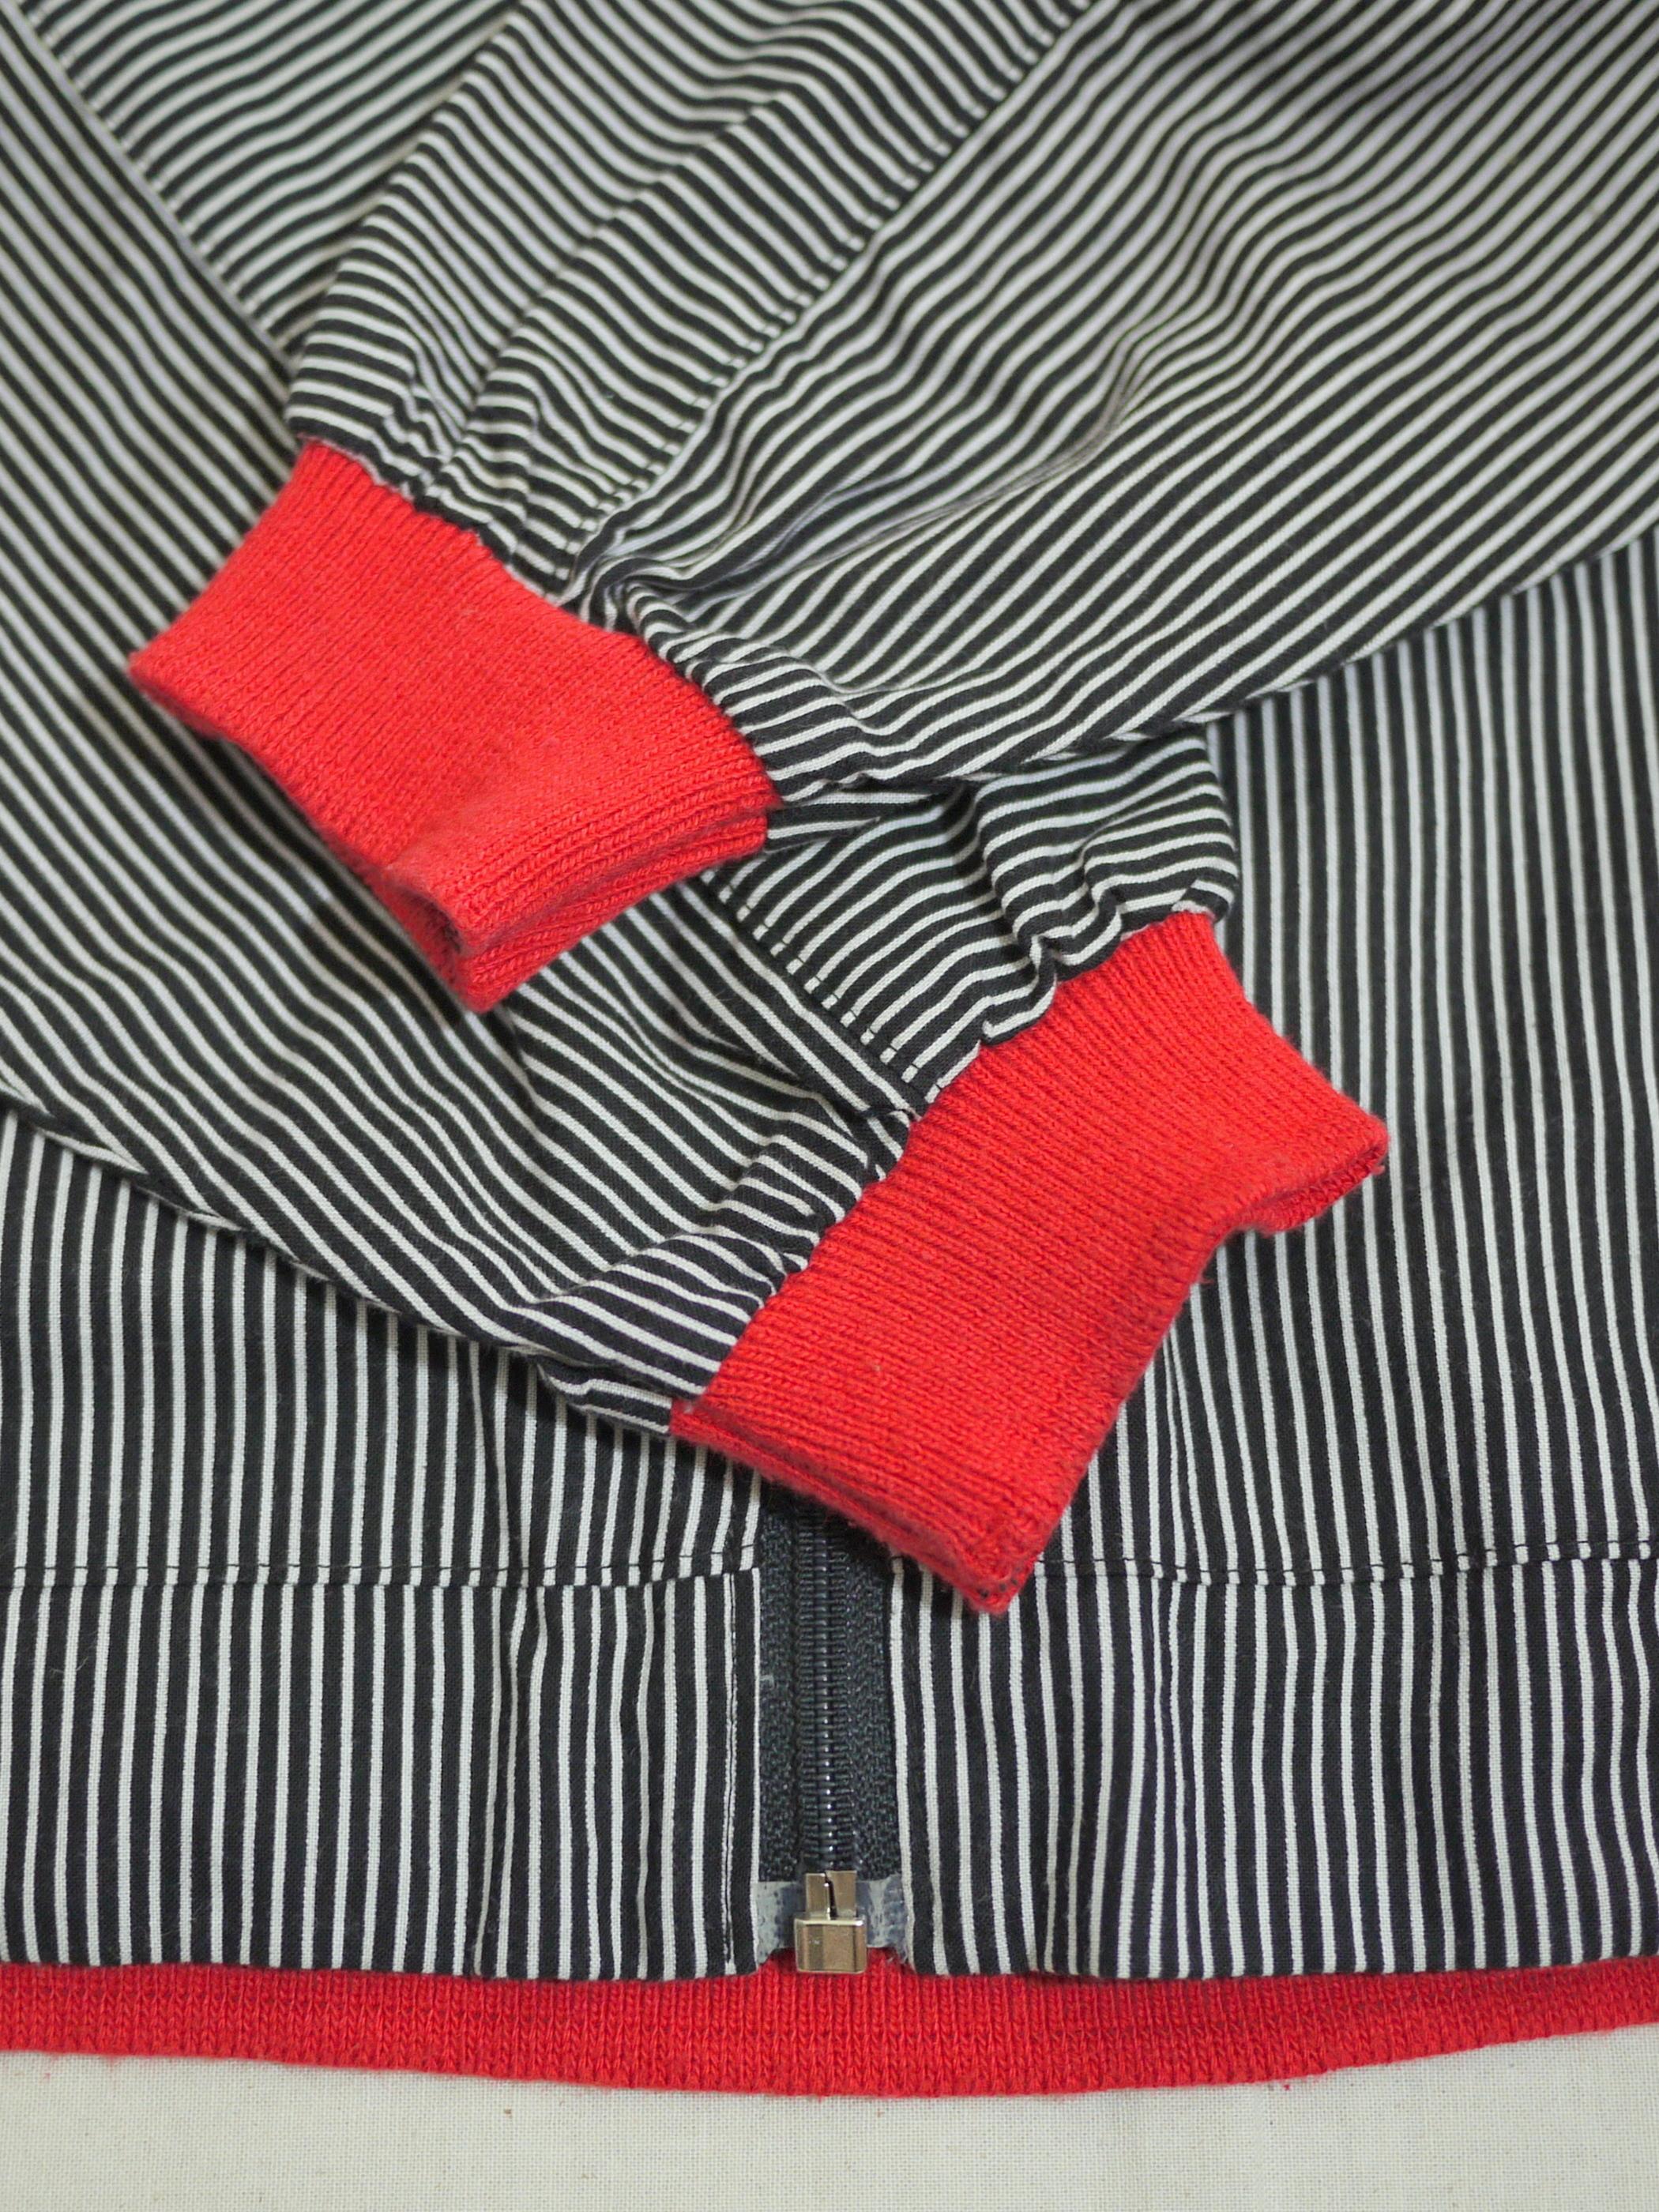 Eva 1970's Cotton jacket SizeS